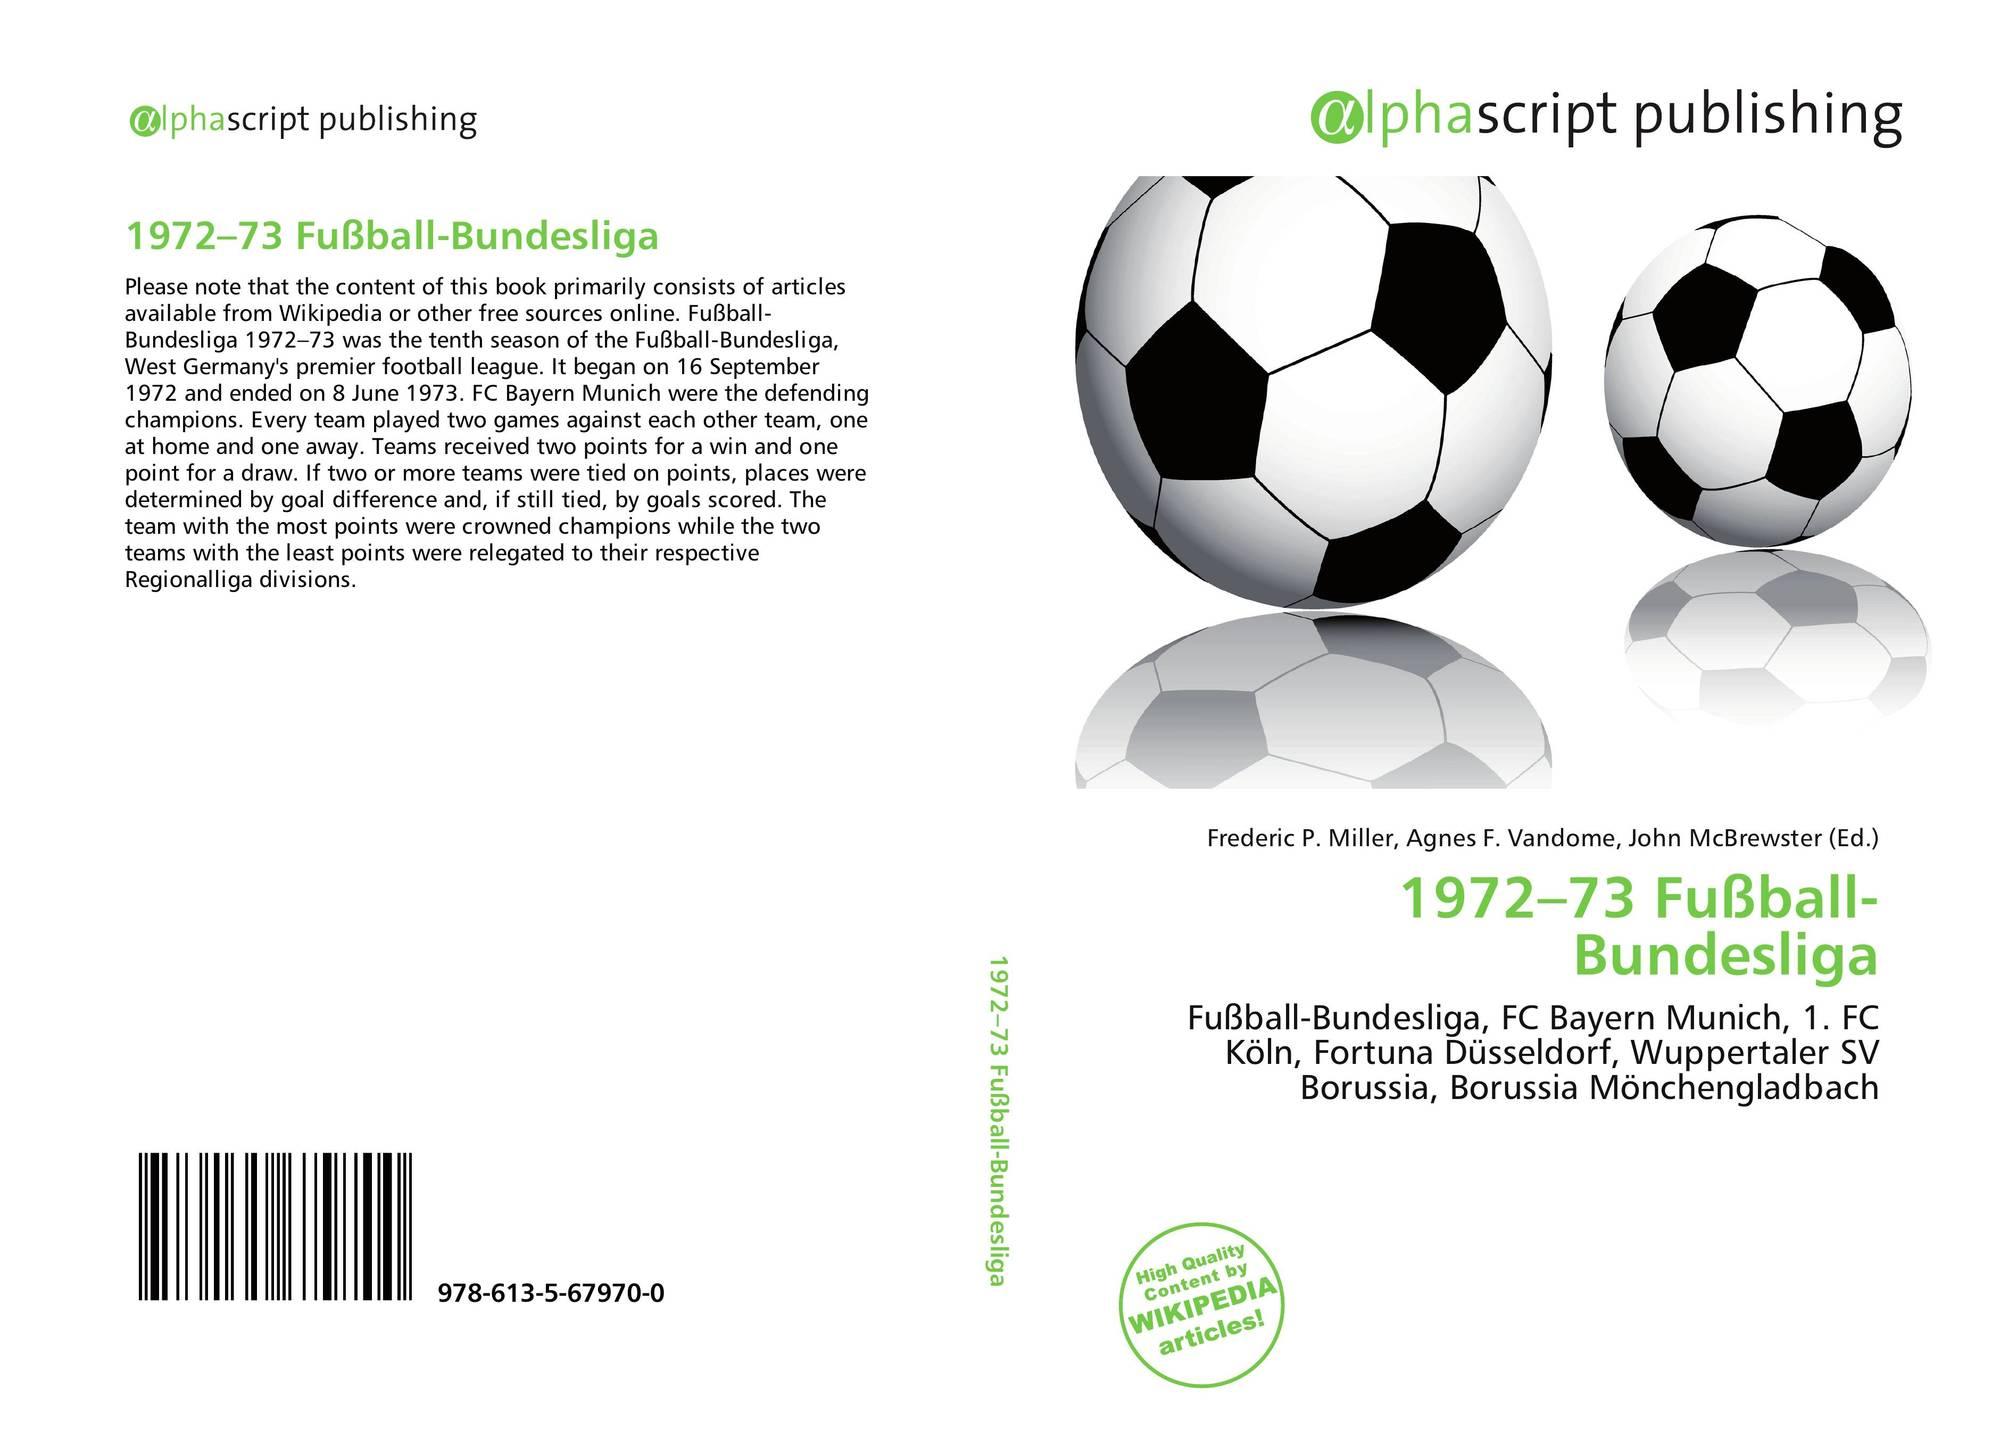 1972 73 Fussball Bundesliga 978 613 5 67970 0 6135679708